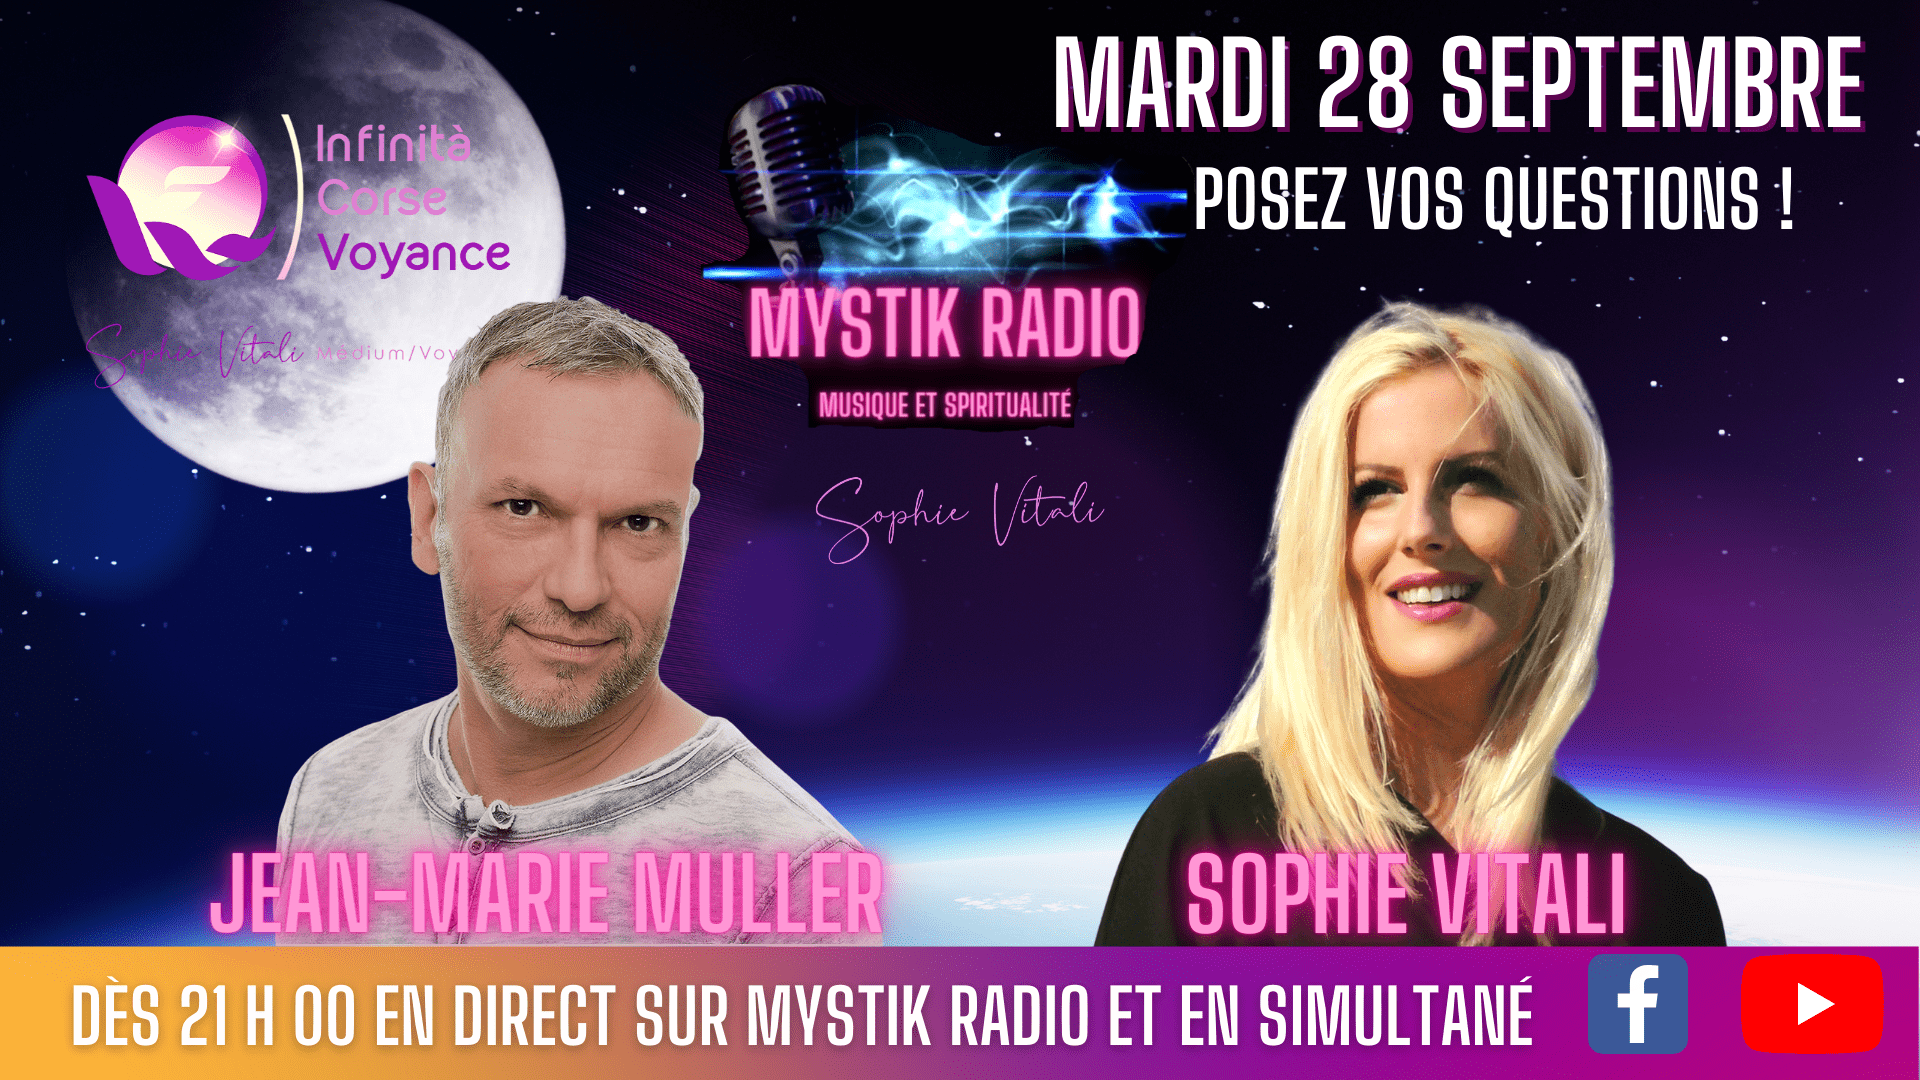 Sophie Vitali & jean-Marie Muller répondent à vos questions en direct le mardi 28 septembre dès 21 h 00 sur Mystik Radio.